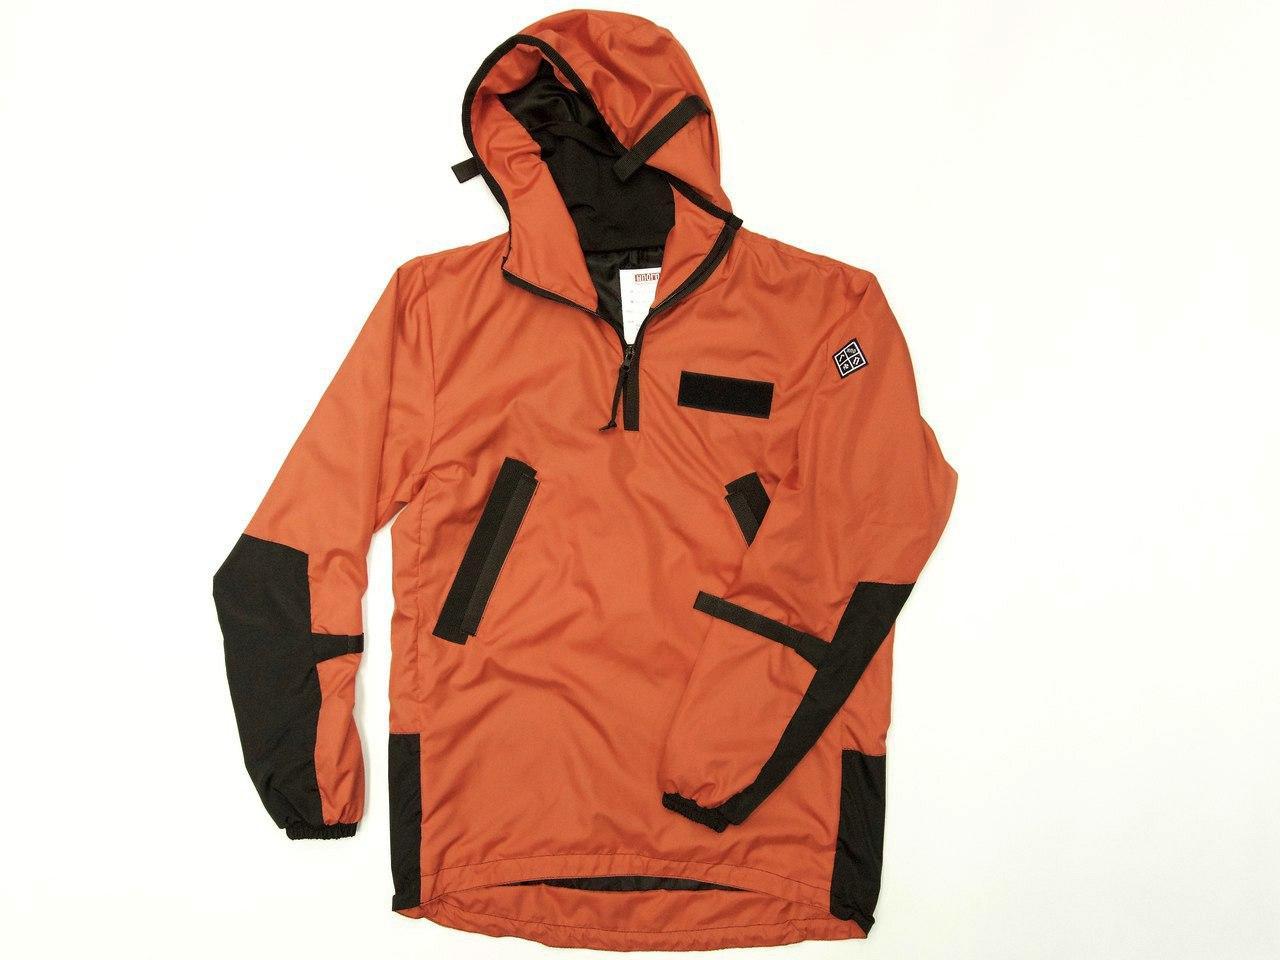 НПОГП   анорак Спираль оранжевый/черный